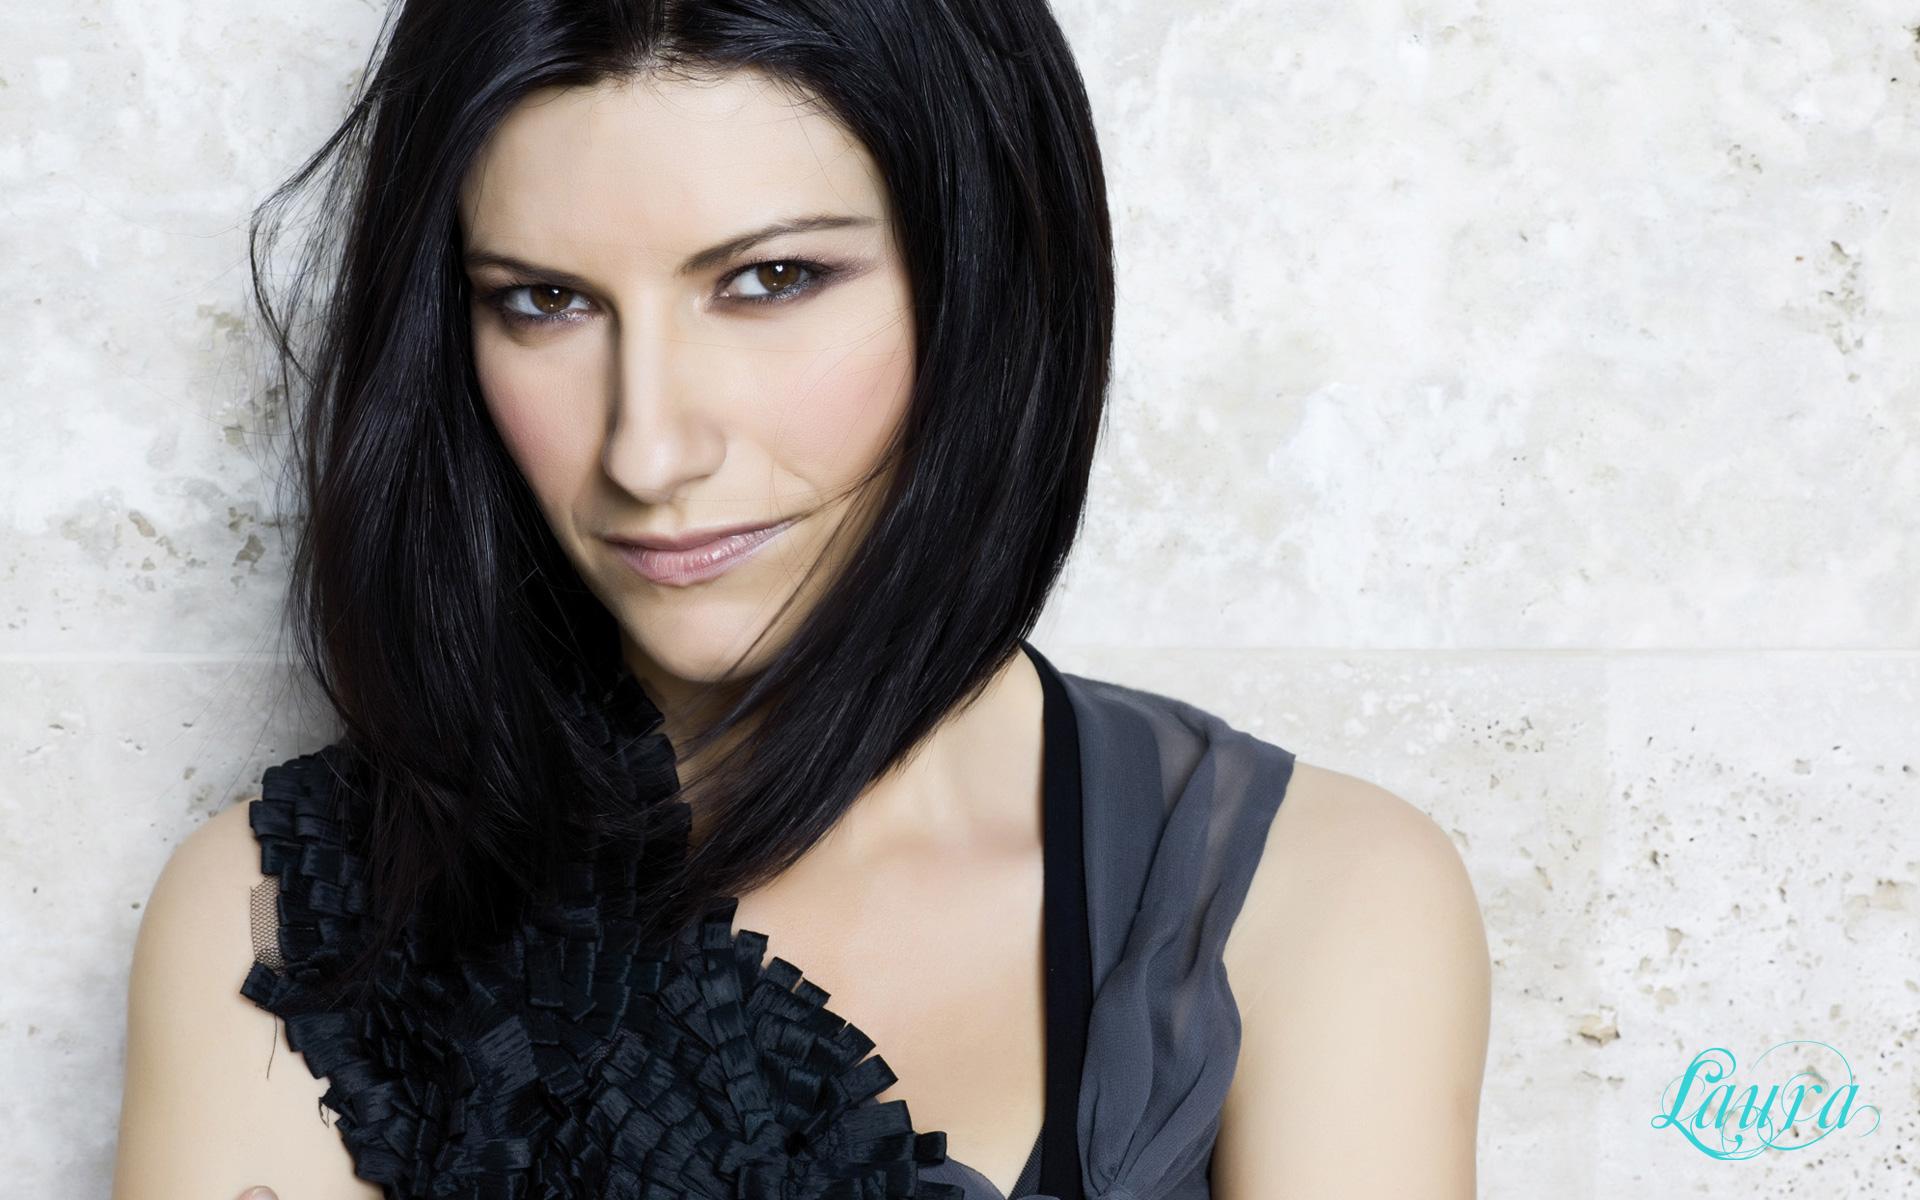 Lato destro del cuore vola su iTunes: successo Pausini-Antonacci